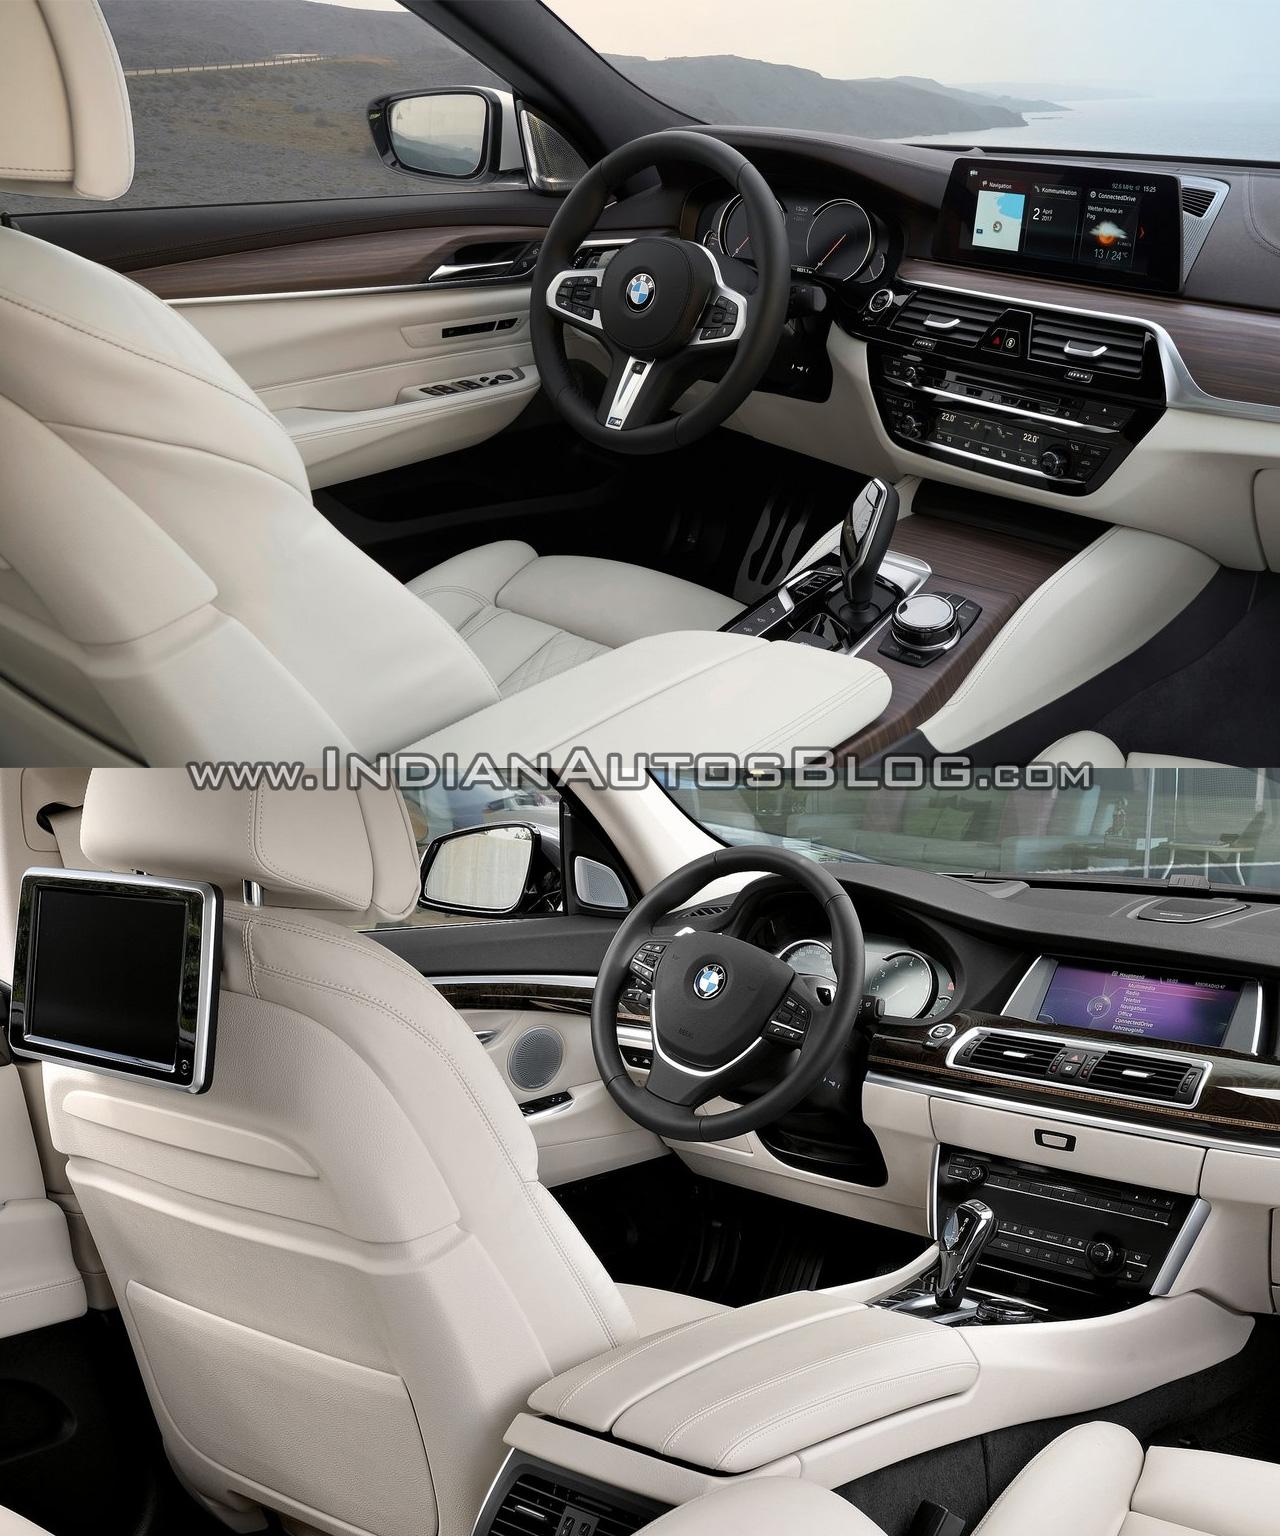 Bmw 6 Series Gt Vs Bmw 5 Series Gt: 2017 BMW 6 Series GT Vs. BMW 5 Series GT Interior